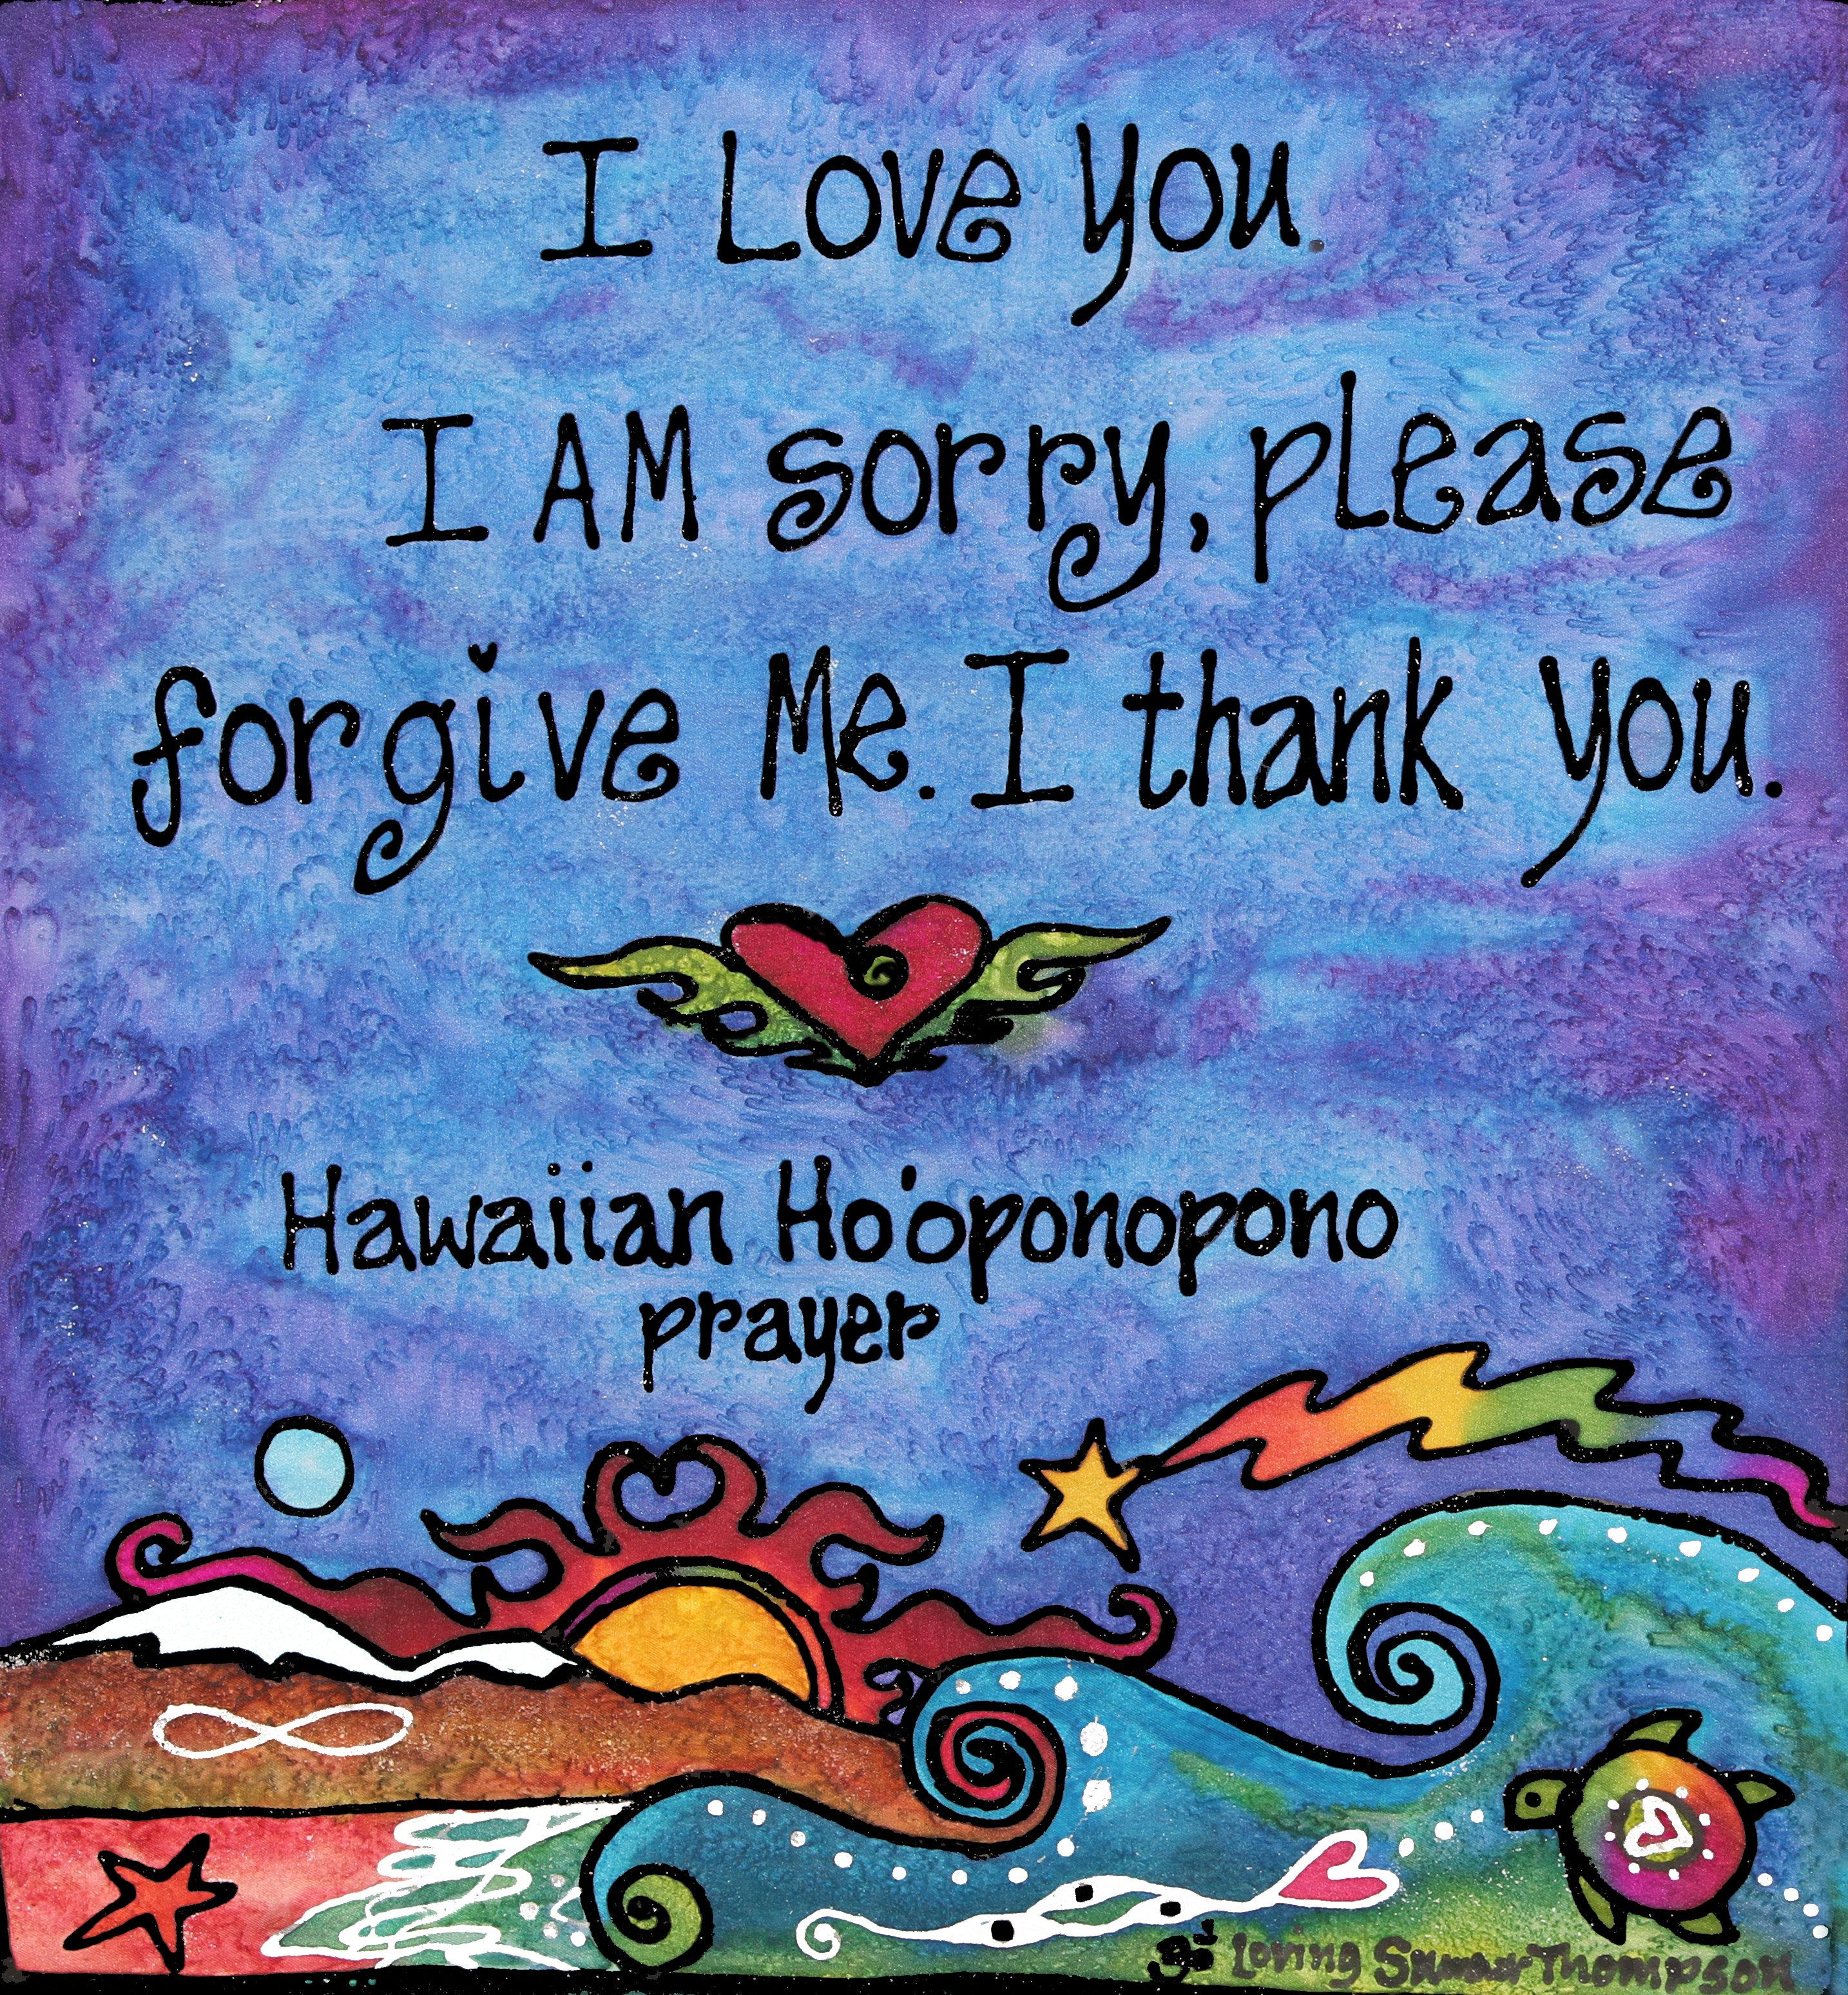 hawaiian ho'oponopono prayer